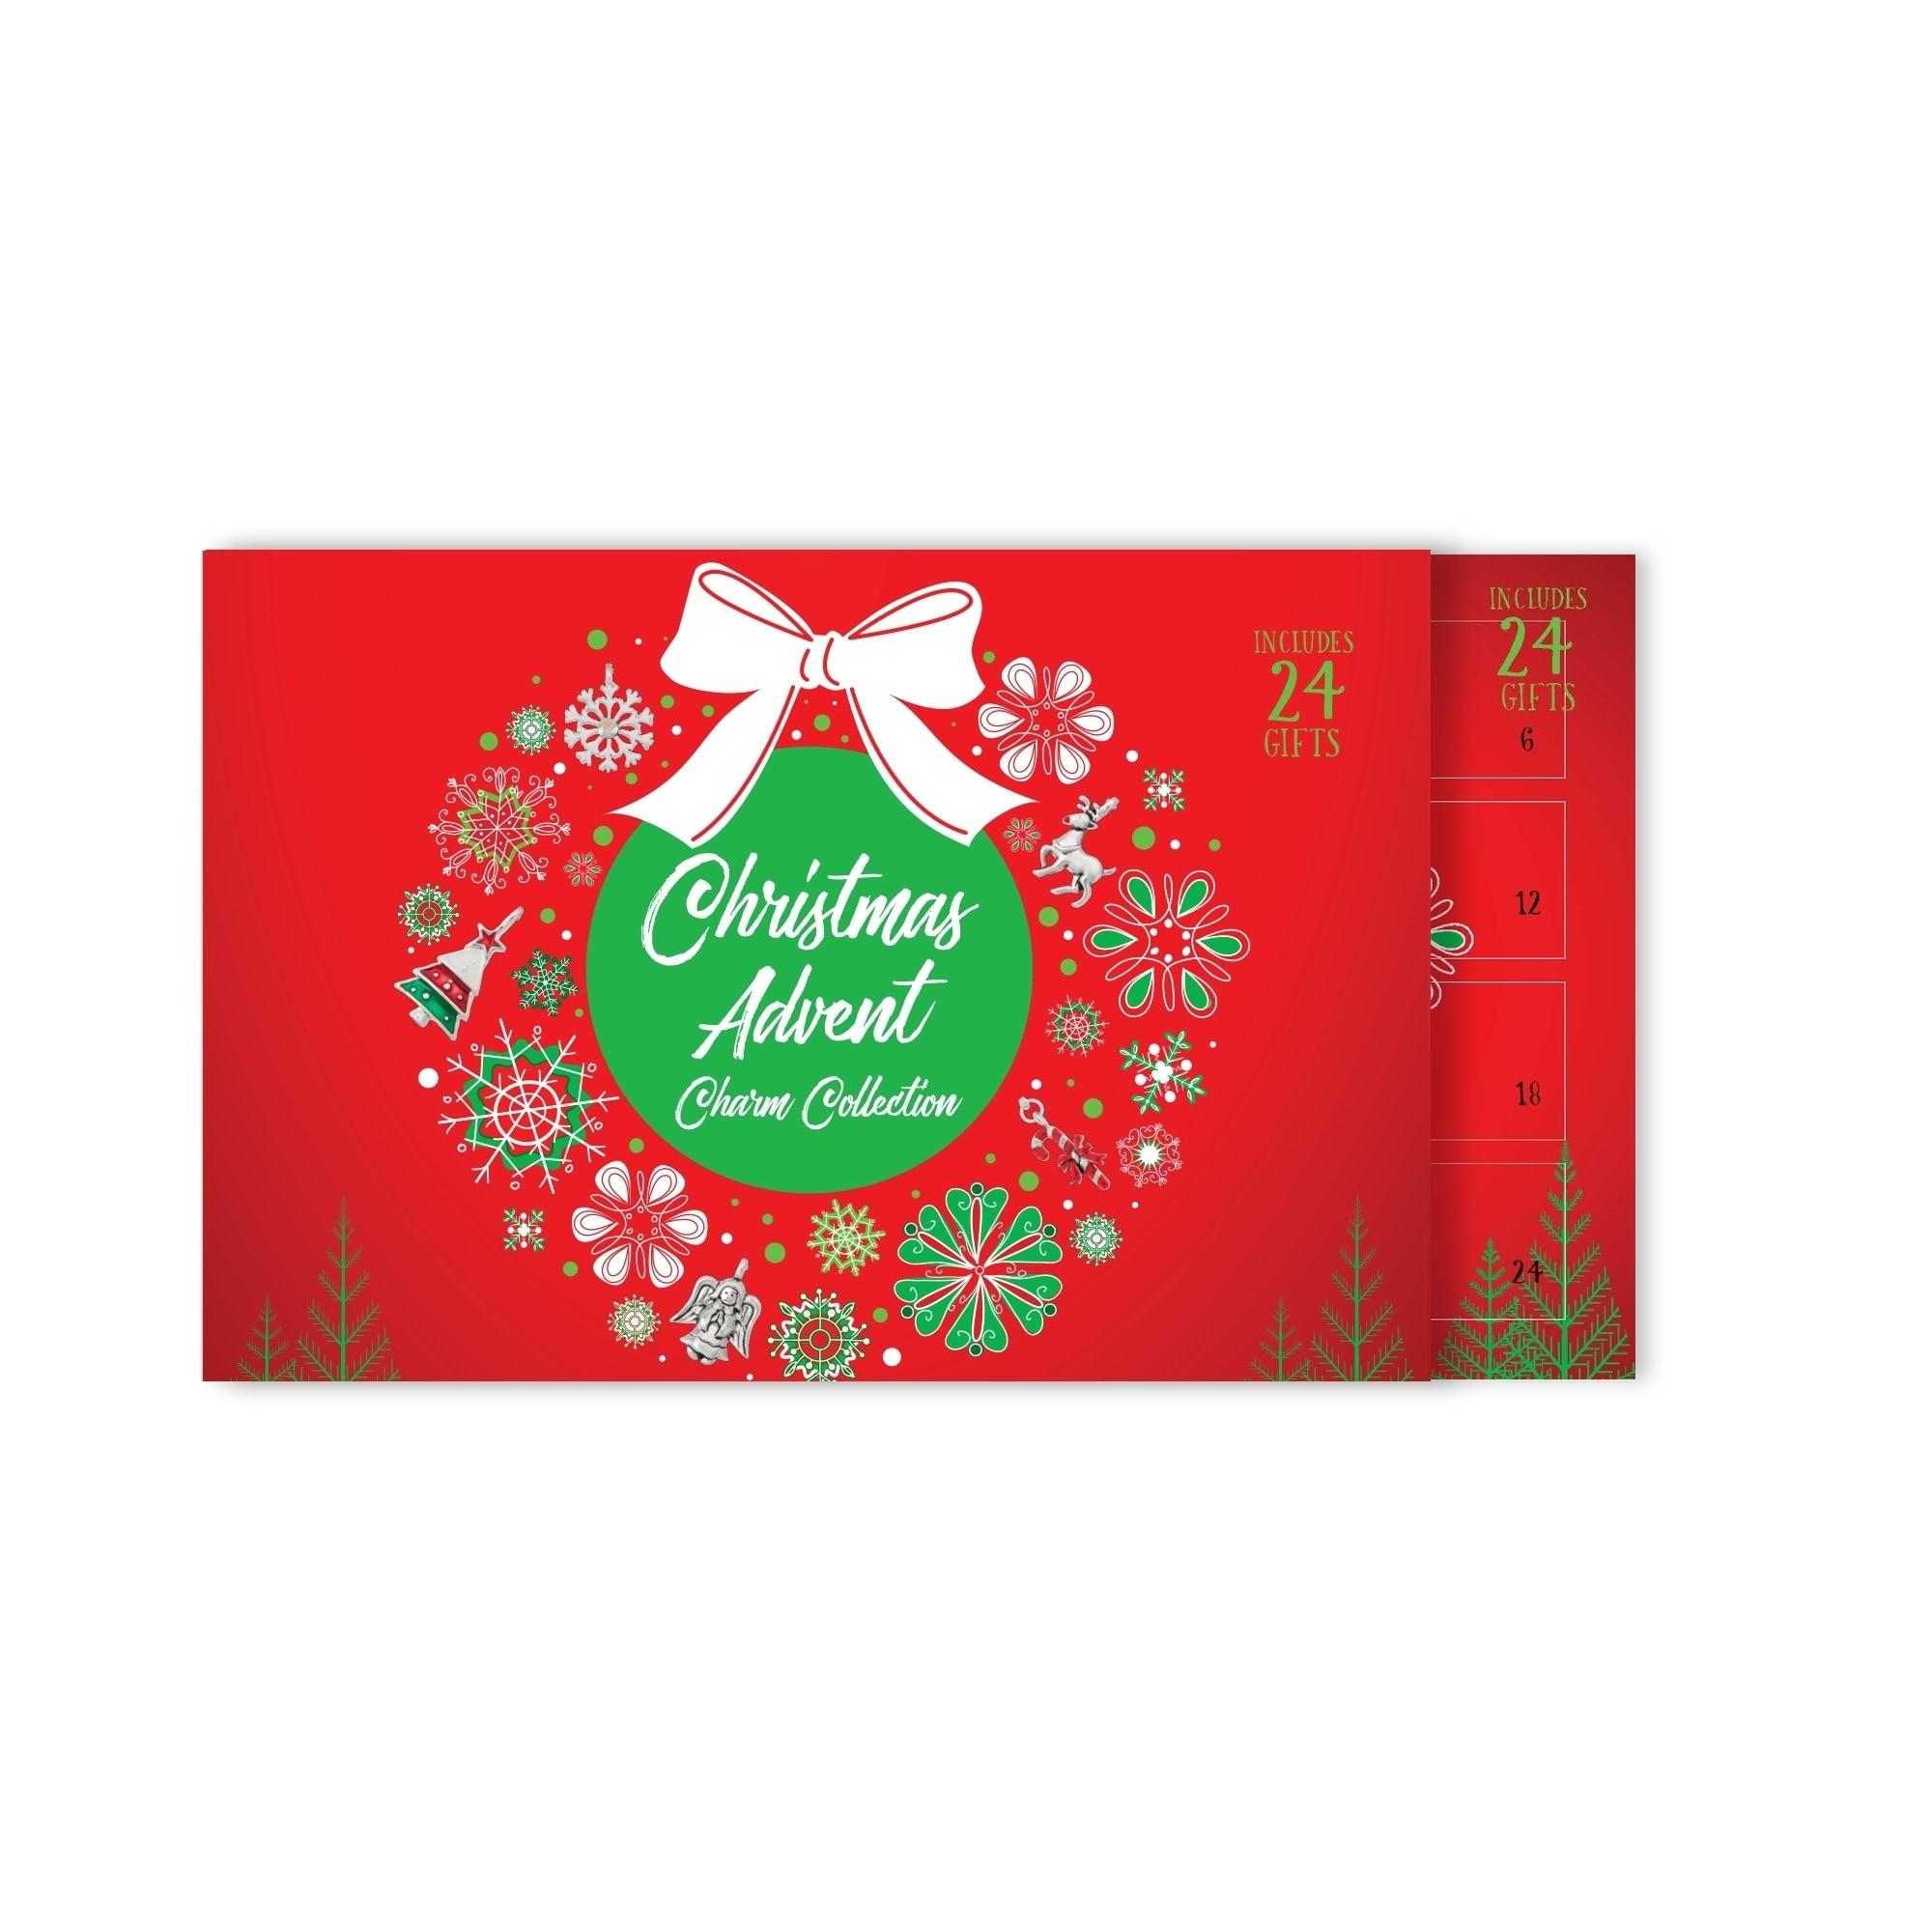 24 Silber Charms 2x Bettelarmband 26Teile Weihnachten Charm Adventskalender